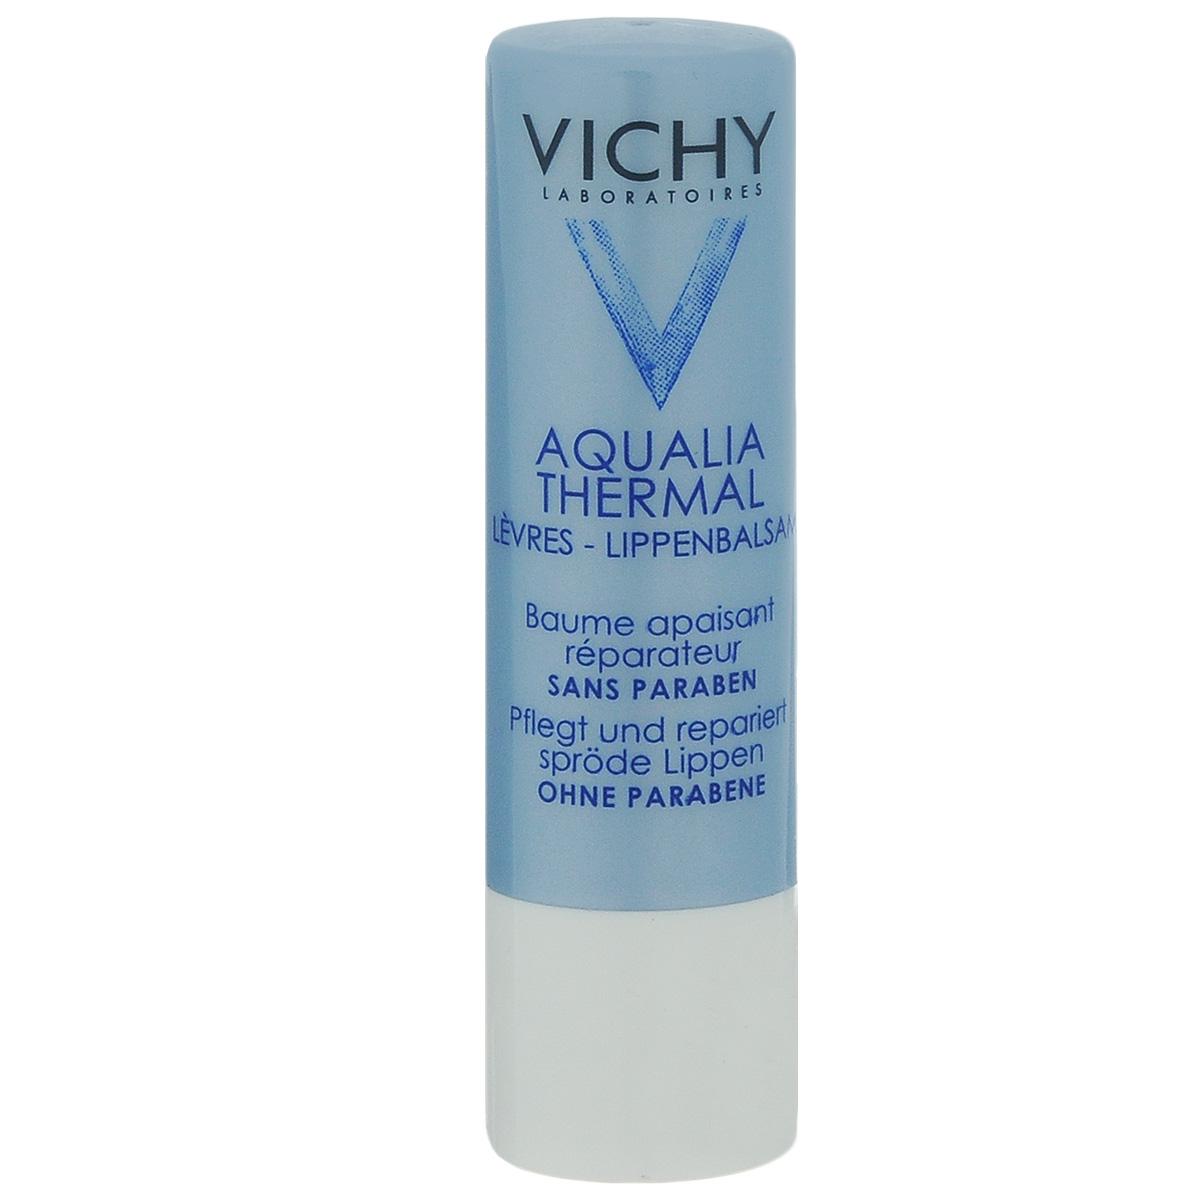 Vichy Aqualia Thermal Увлажняющий и восстанавливающий бальзам для губ Aqualia Thermal, 5 млM0510000Ультразащитная формула длительного действия позволяет бережно и деликатно ухаживать за сухой, потрескавшейся кожей губ. Губы отлично увлажнены, они становятся нежными и мягкими.